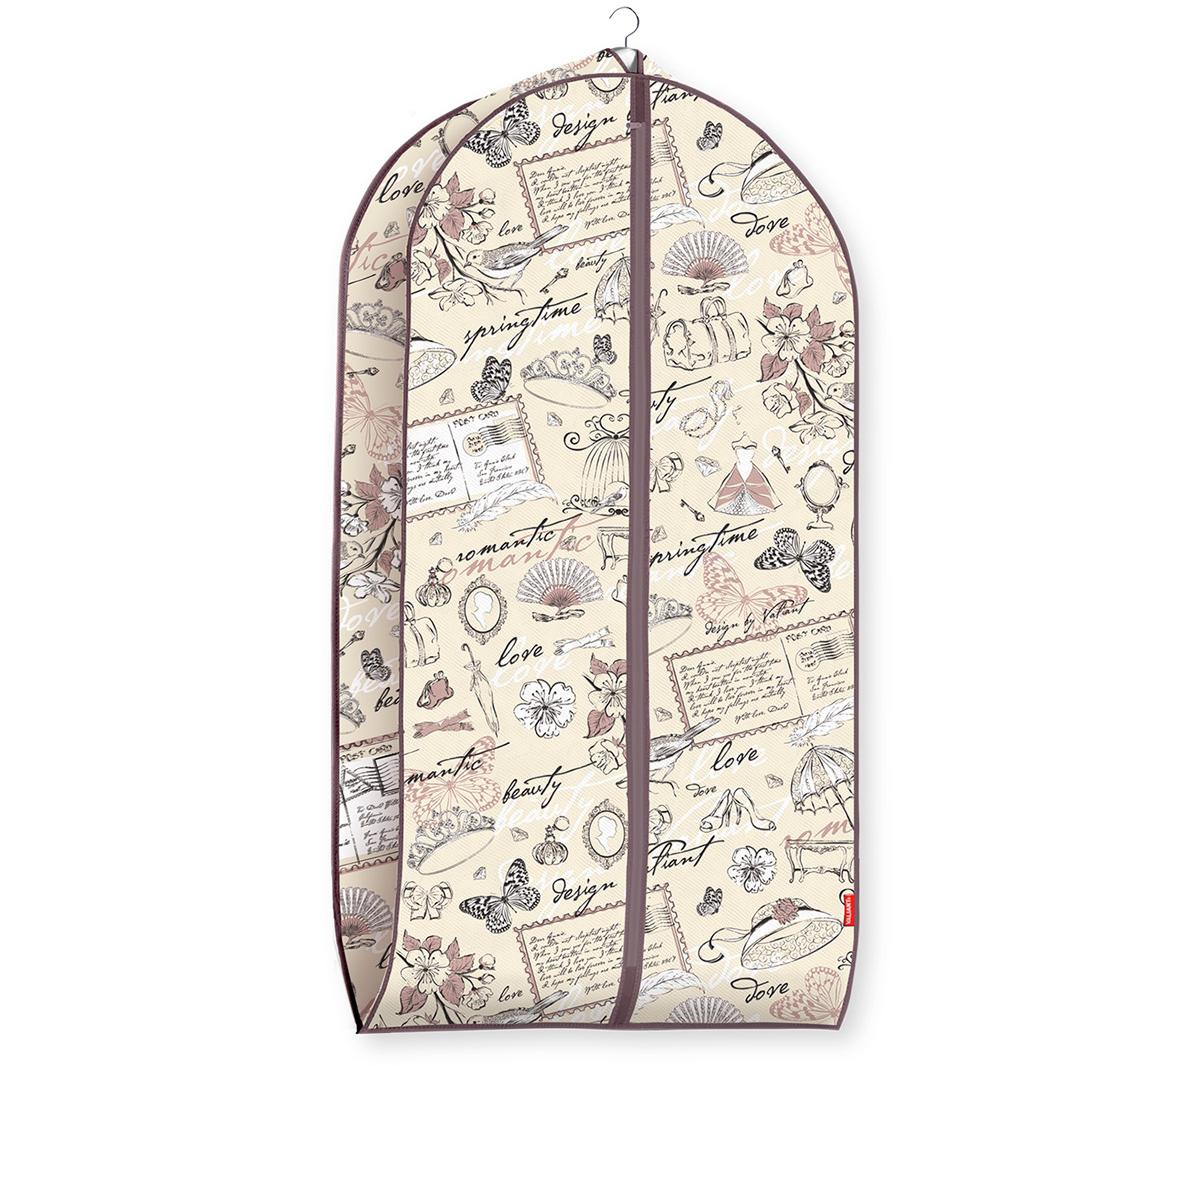 """Чехол для одежды Valiant """"Romantic"""" изготовлен из высококачественного нетканого материала (спанбонда), который обеспечивает естественную вентиляцию, позволяя воздуху проникать внутрь, но не пропускает пыль. Чехол очень удобен в использовании. Наличие боковой вставки увеличивает объем чехла, что позволяет хранить крупные объемные вещи. Чехол легко открывается и закрывается застежкой-молнией. Идеально подойдет для транспортировки и хранения одежды. Система хранения """"Romantic"""" создаст трогательную атмосферу романтического настроения в женском гардеробе. Оригинальный дизайн придется по вкусу ценительницам эстетичного хранения. Системы хранения в едином дизайне сделают вашу гардеробную изысканной и невероятно стильной."""